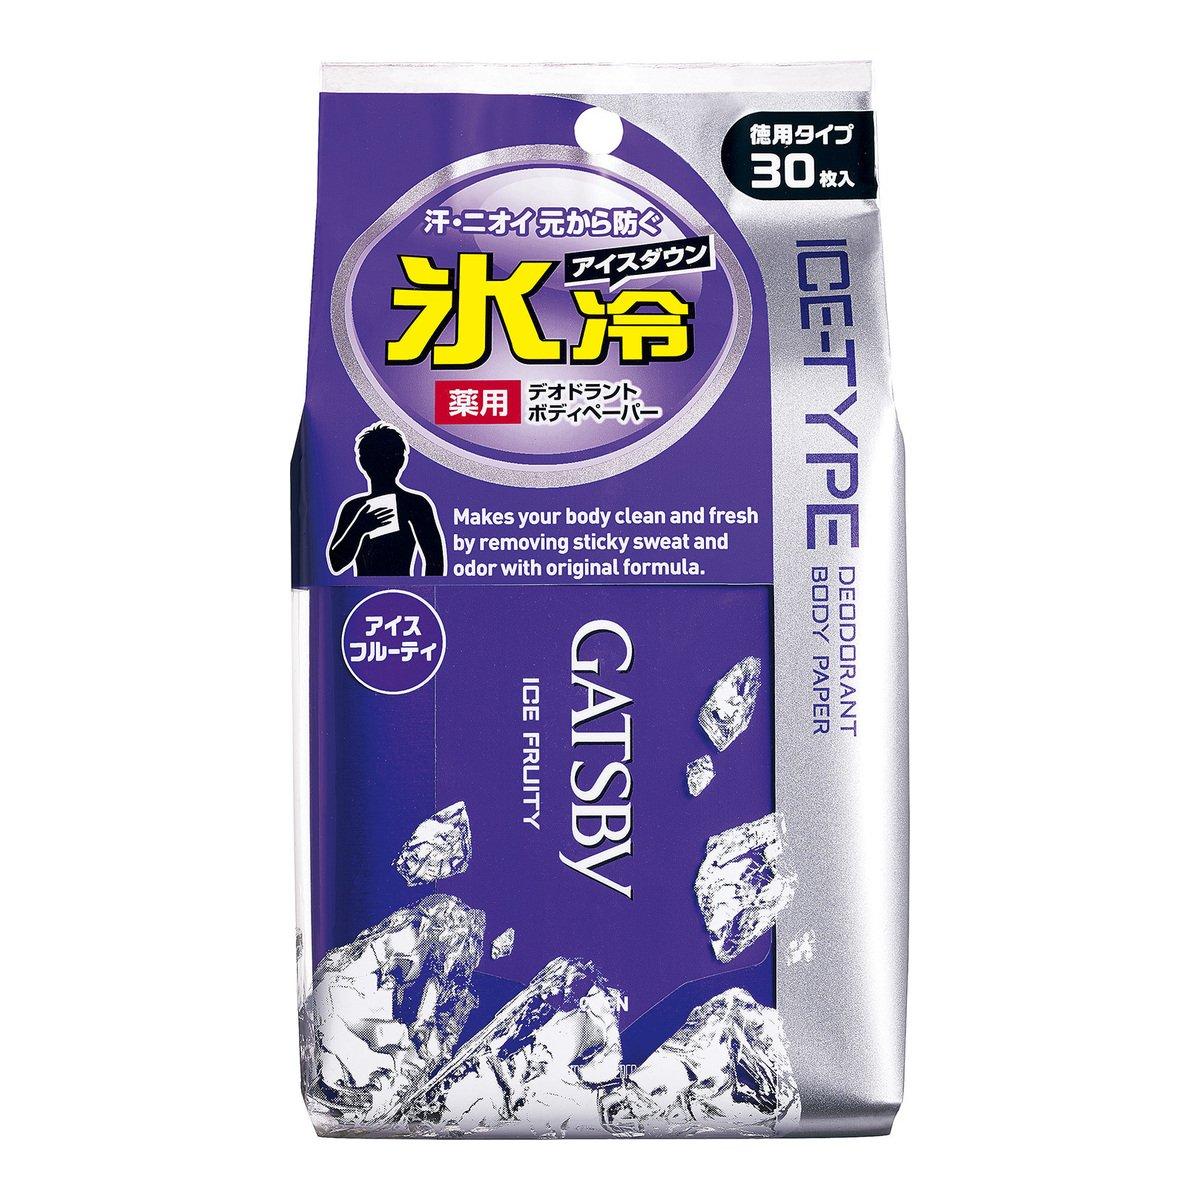 ギャツビー アイスデオドラントボディペーパー  <德用> 30枚 (医薬部外品)